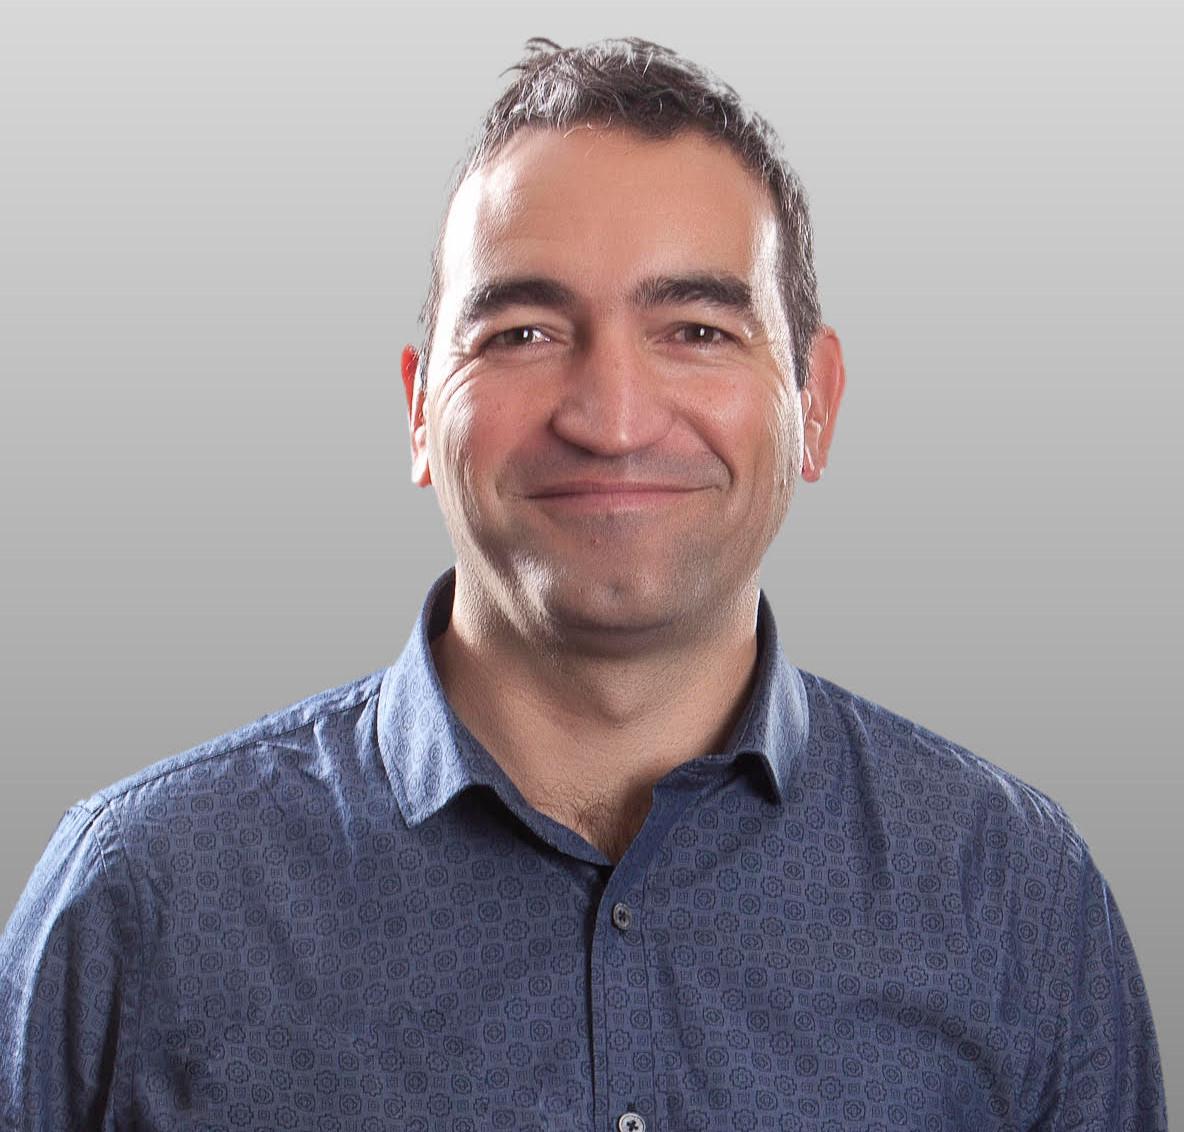 Taller de Samuel Chaves sobre coaching para emprendedores